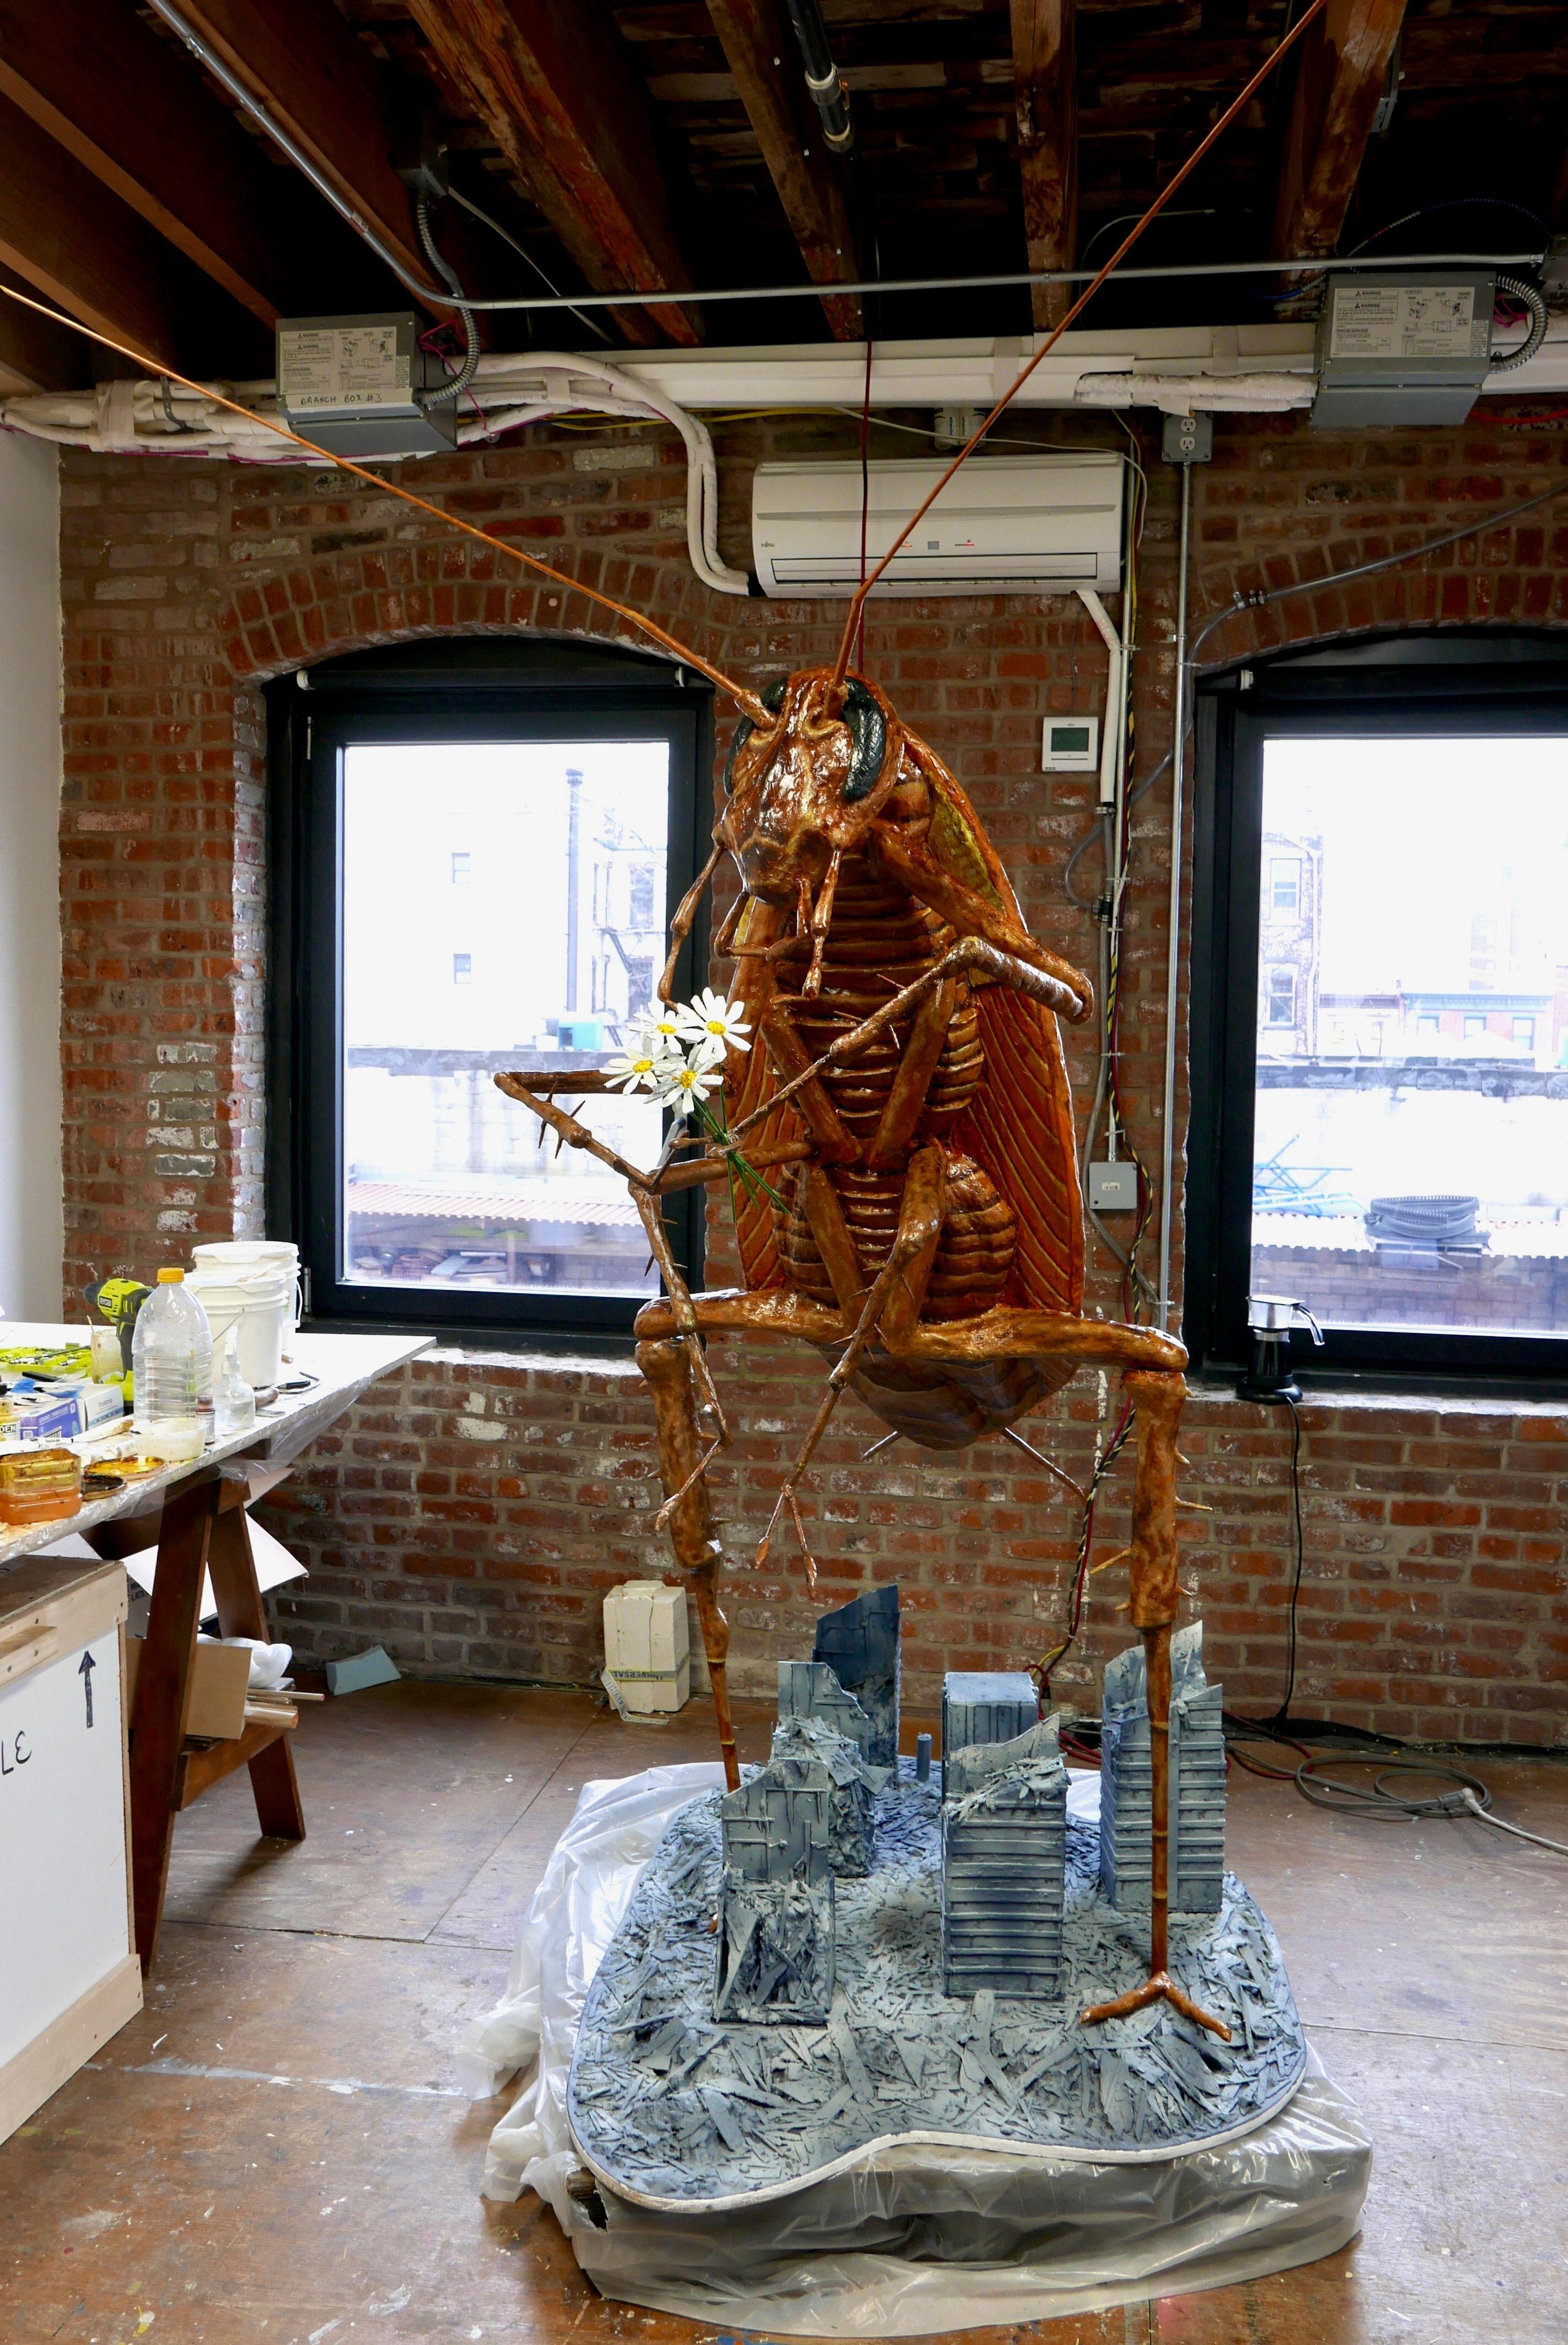 Cricket sculpture in Jude Griebel's studio at Pioneer Works.